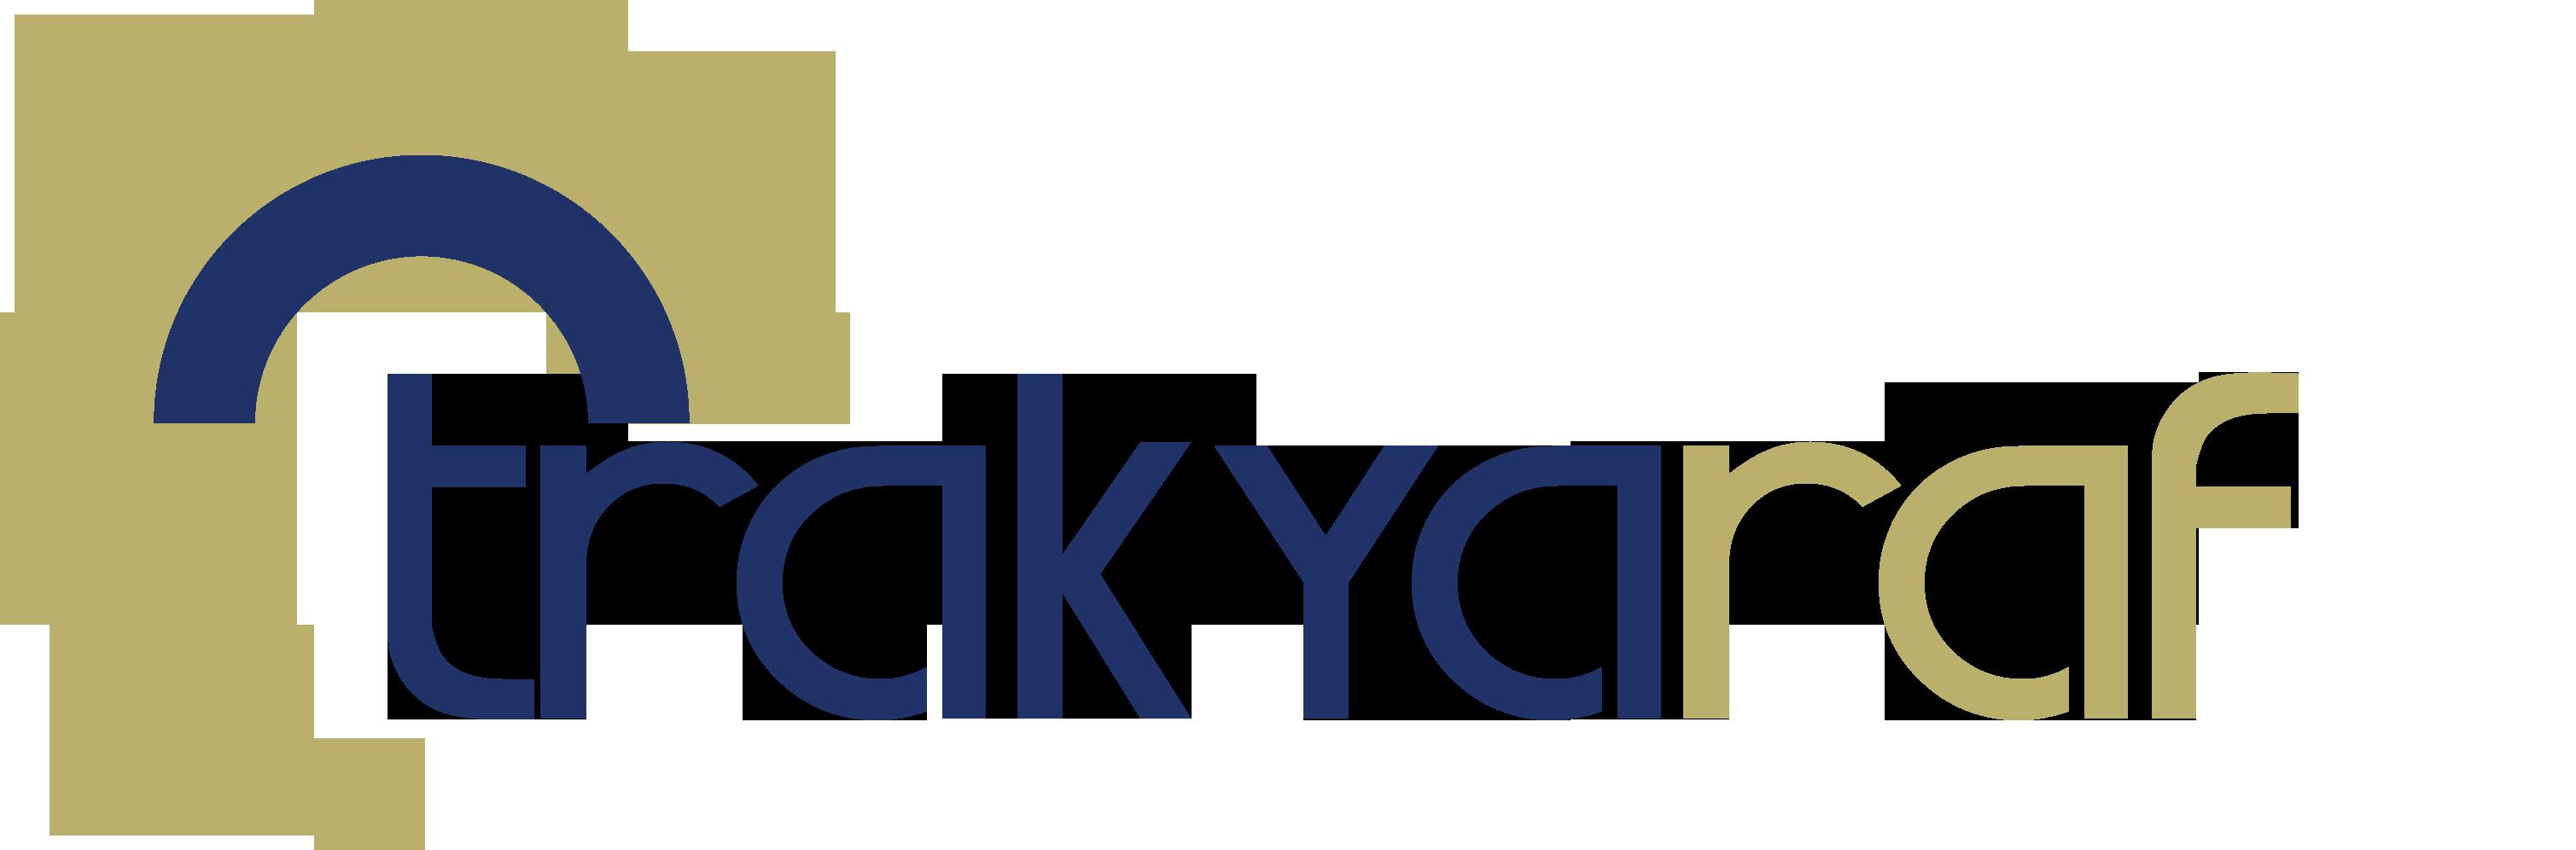 Çorlu Raf Sistemleri | Tekirdağ Raf Sistemleri | Çerkezköy Raf Sistemleri | Silivri Raf Sistemleri | Lüleburgaz Raf Sistemleri | Edirne Raf Sistemleri | Kırklareli Raf Sistemleri | Muratlı Raf Sistemleri | Keşan Raf Sistemleri | Babaeski Raf Sistemleri | Uzunköprü Raf Sistemleri | Malkara Raf Sistemleri | Çanakkale Raf Sistemleri | Kapaklı Raf Sistemleri | İstanbul Raf Sistemleri